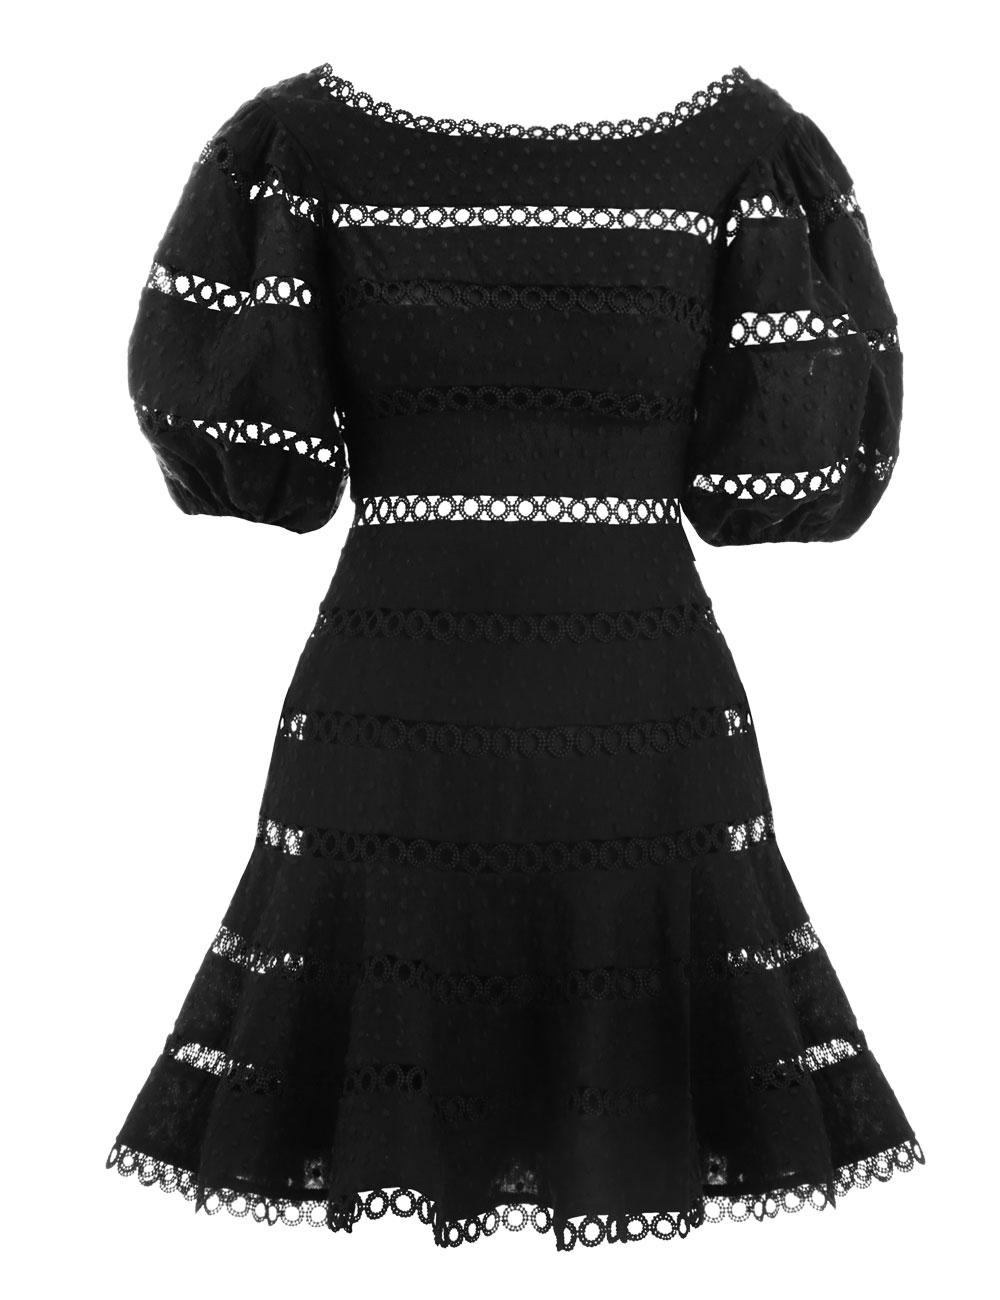 Bowie Contour Hailspot Dress